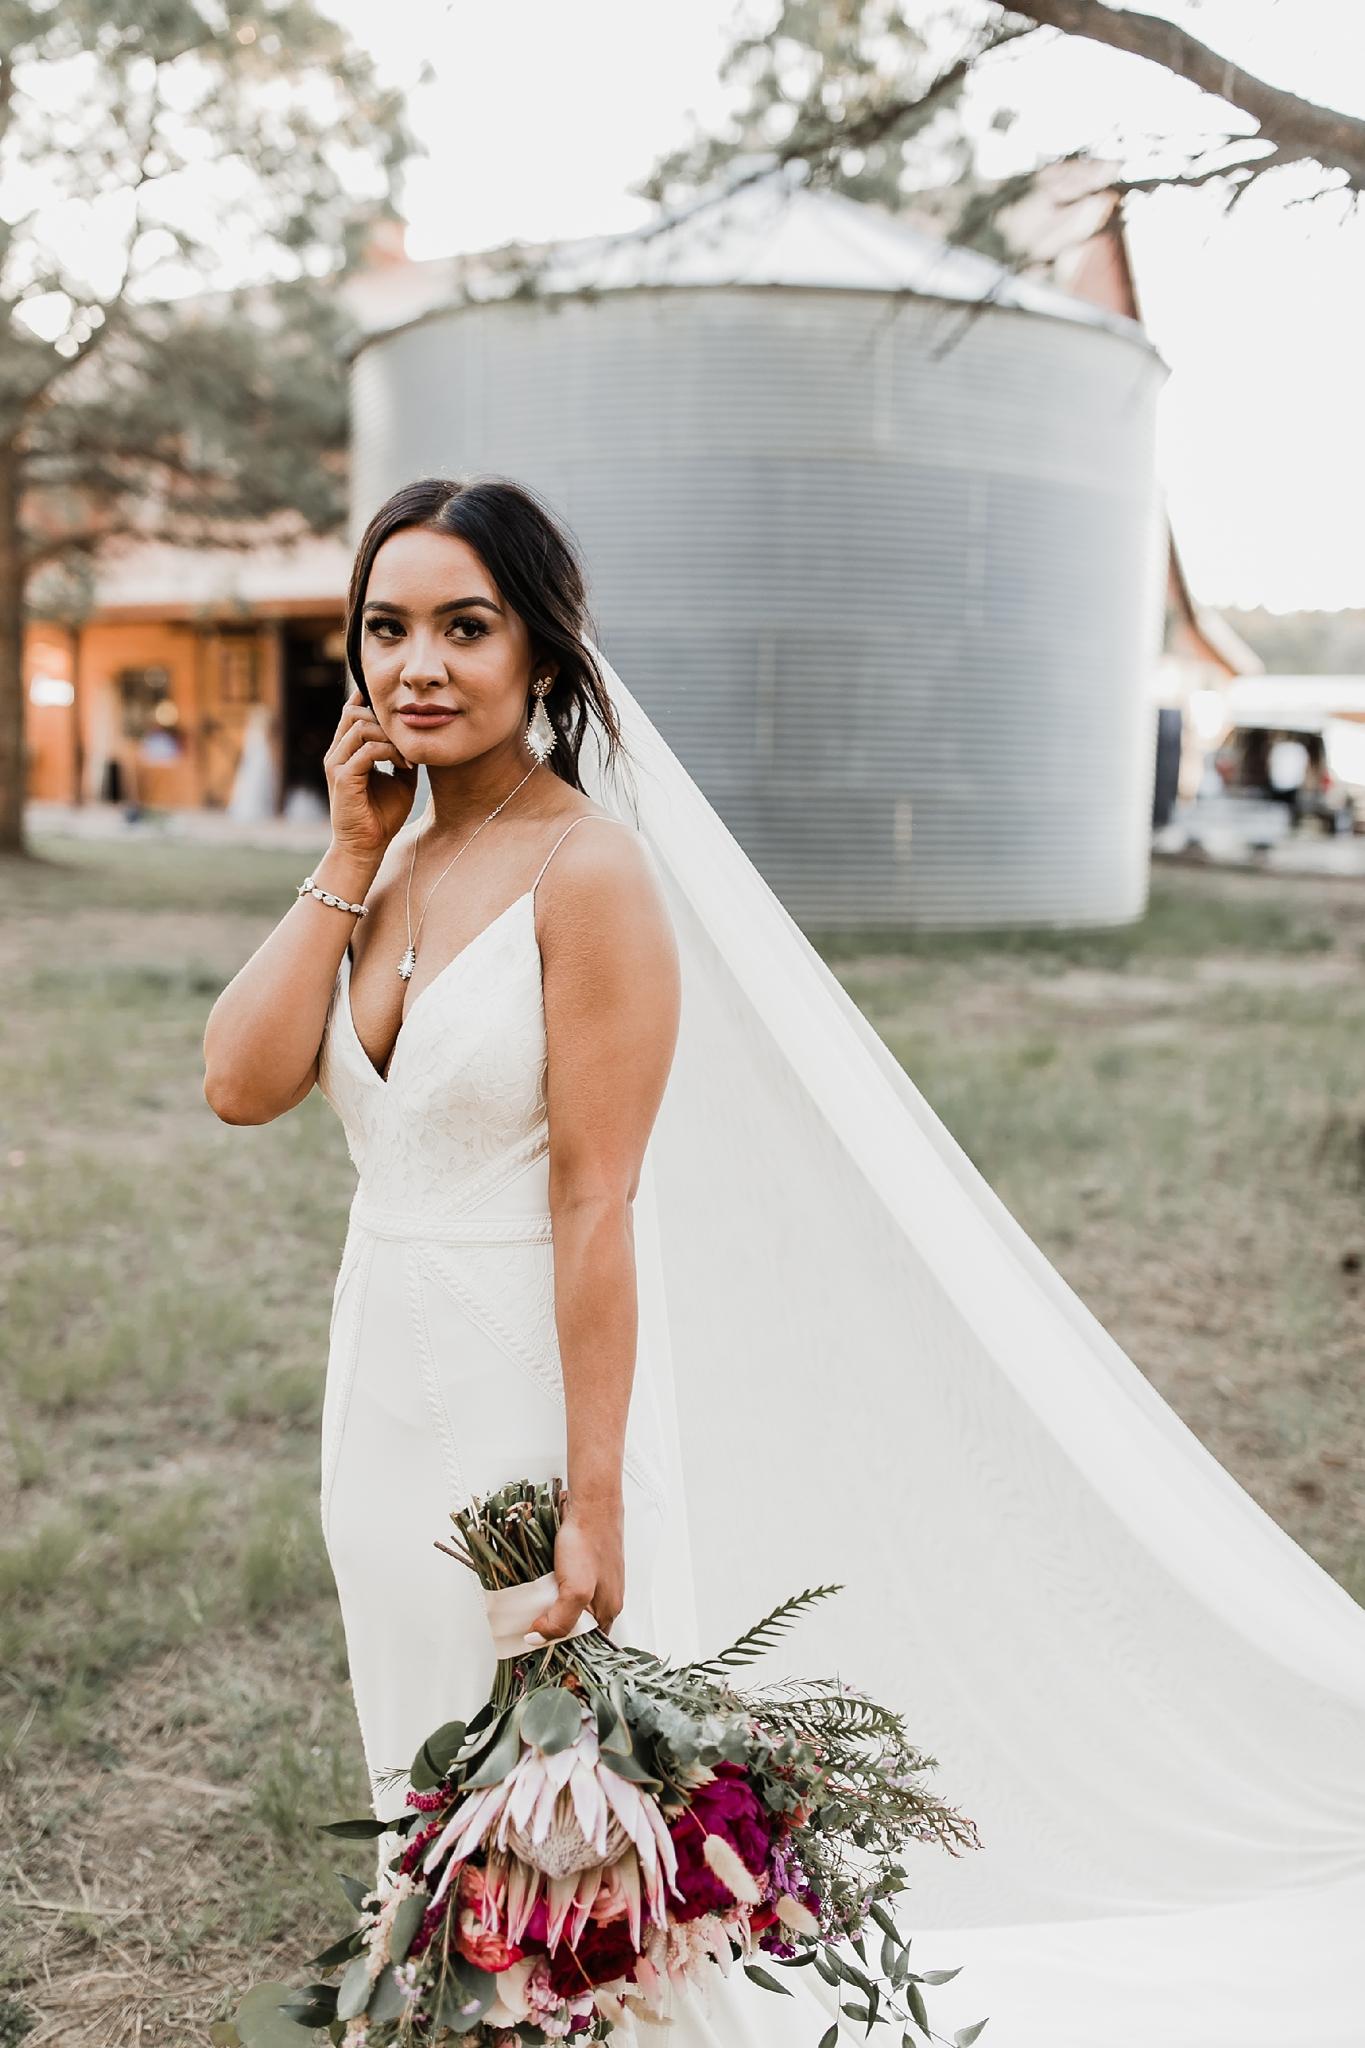 Alicia+lucia+photography+-+albuquerque+wedding+photographer+-+santa+fe+wedding+photography+-+new+mexico+wedding+photographer+-+new+mexico+wedding+-+new+mexico+wedding+-+barn+wedding+-+enchanted+vine+barn+wedding+-+ruidoso+wedding_0125.jpg